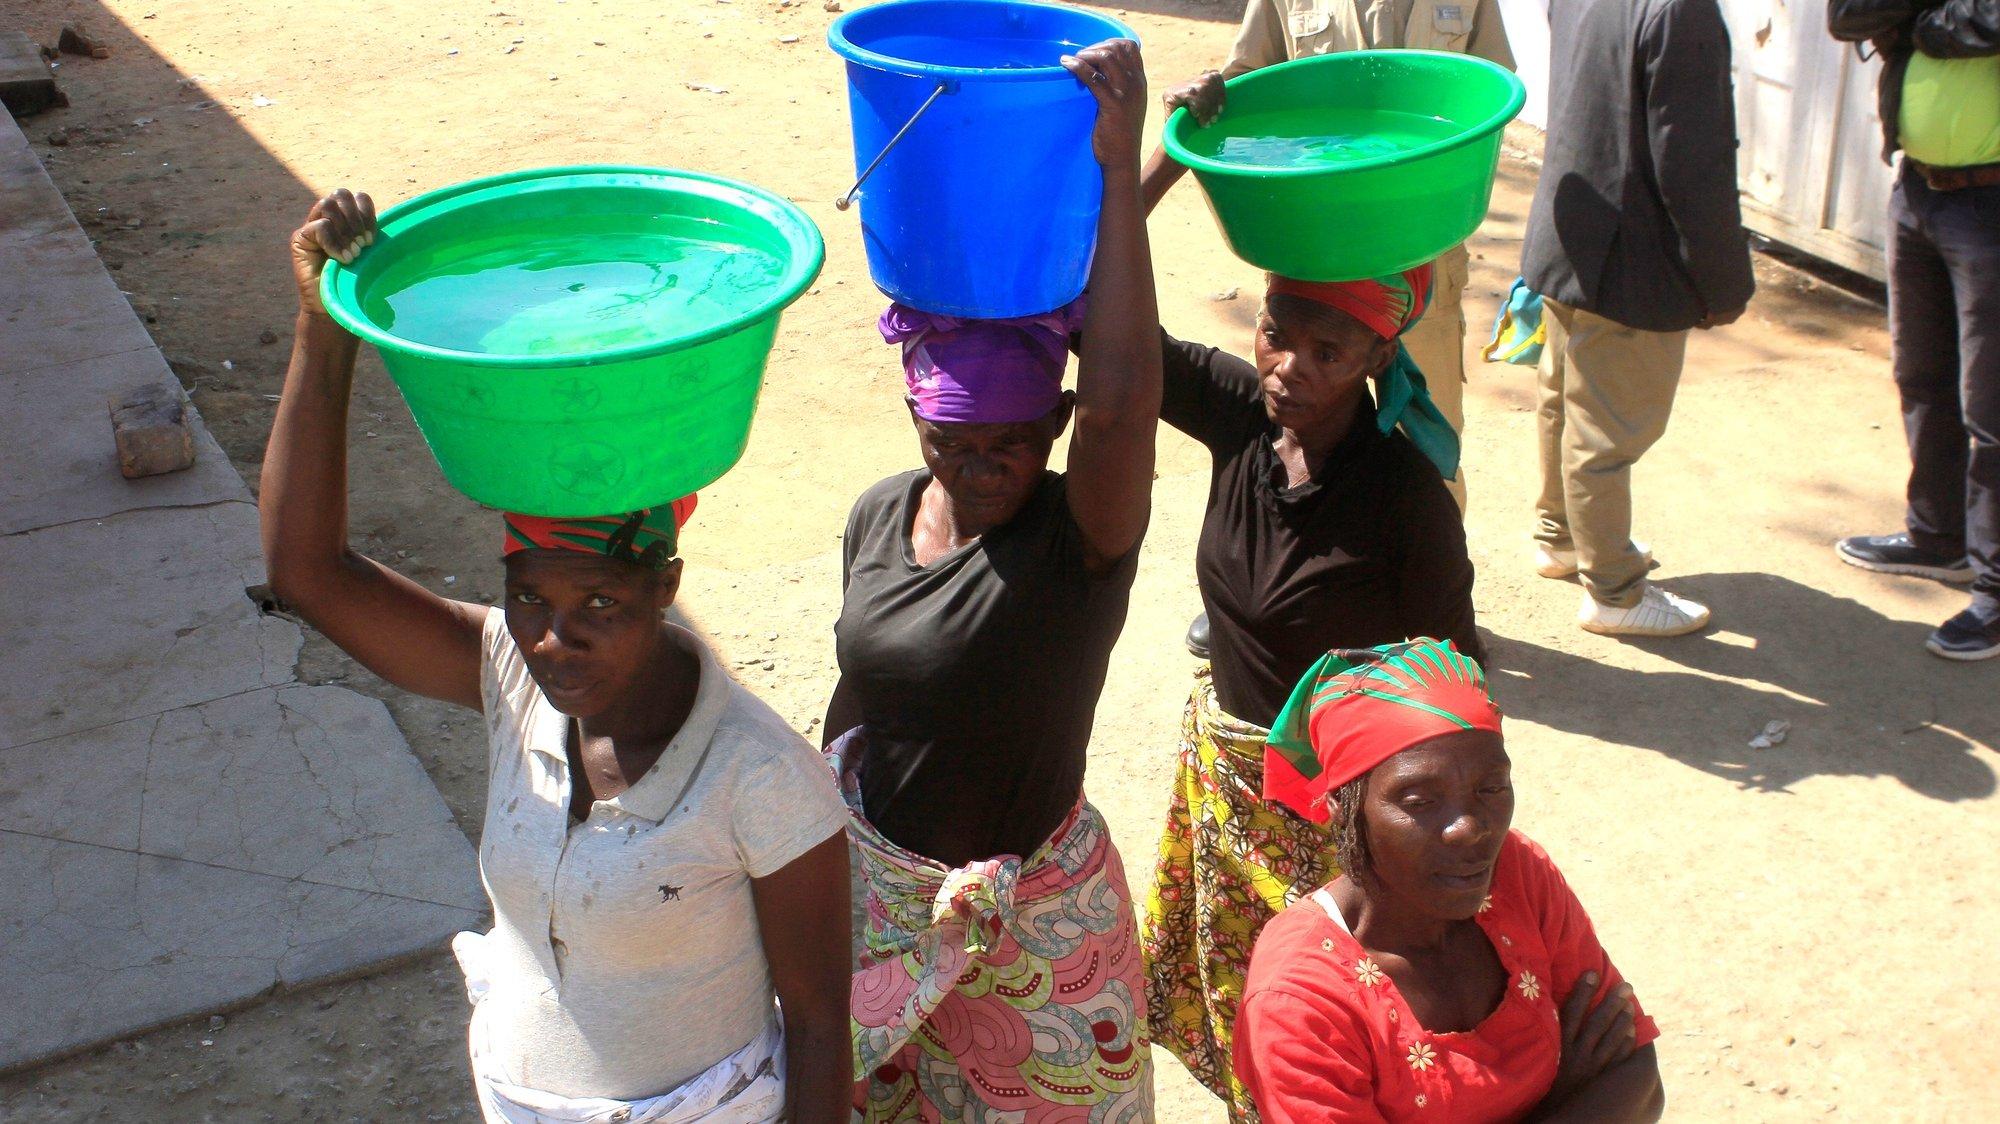 Mulheres transportam na cabeça alguidares com água, no Huambo, Angola, 30 de maio de 2019. AMPE ROGÉRIO/LUSA